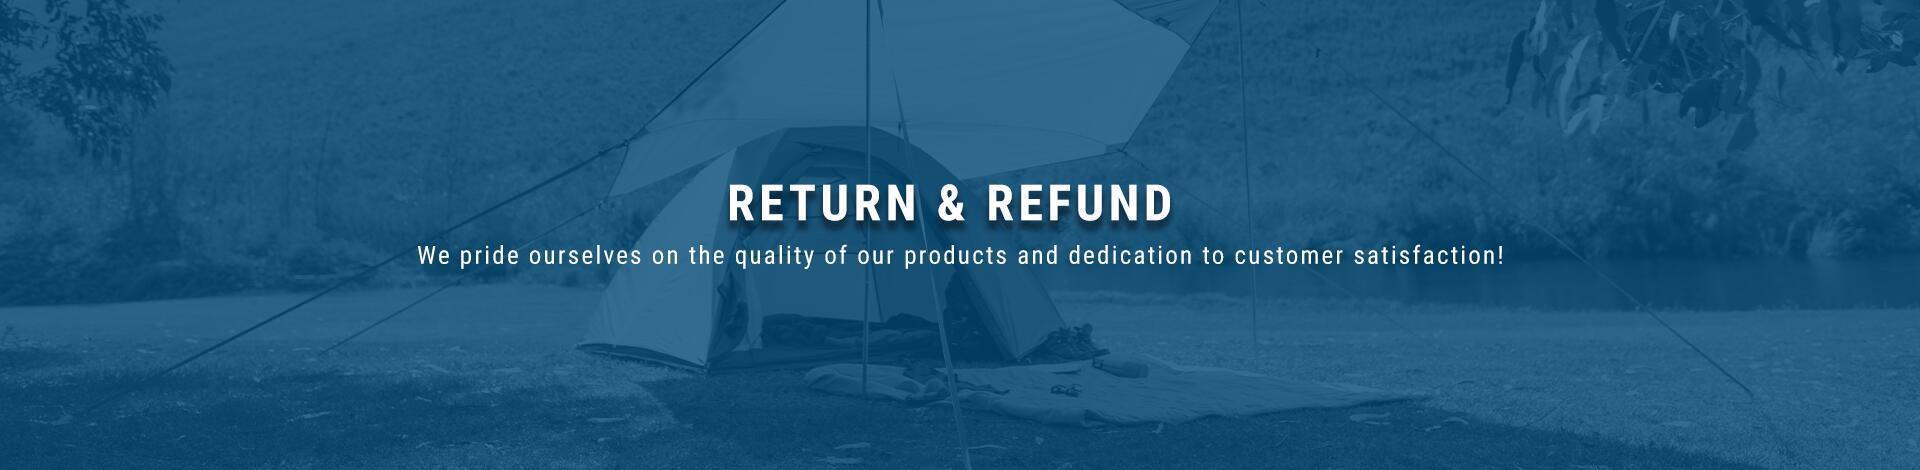 Decathlon Philippines Return and Refund